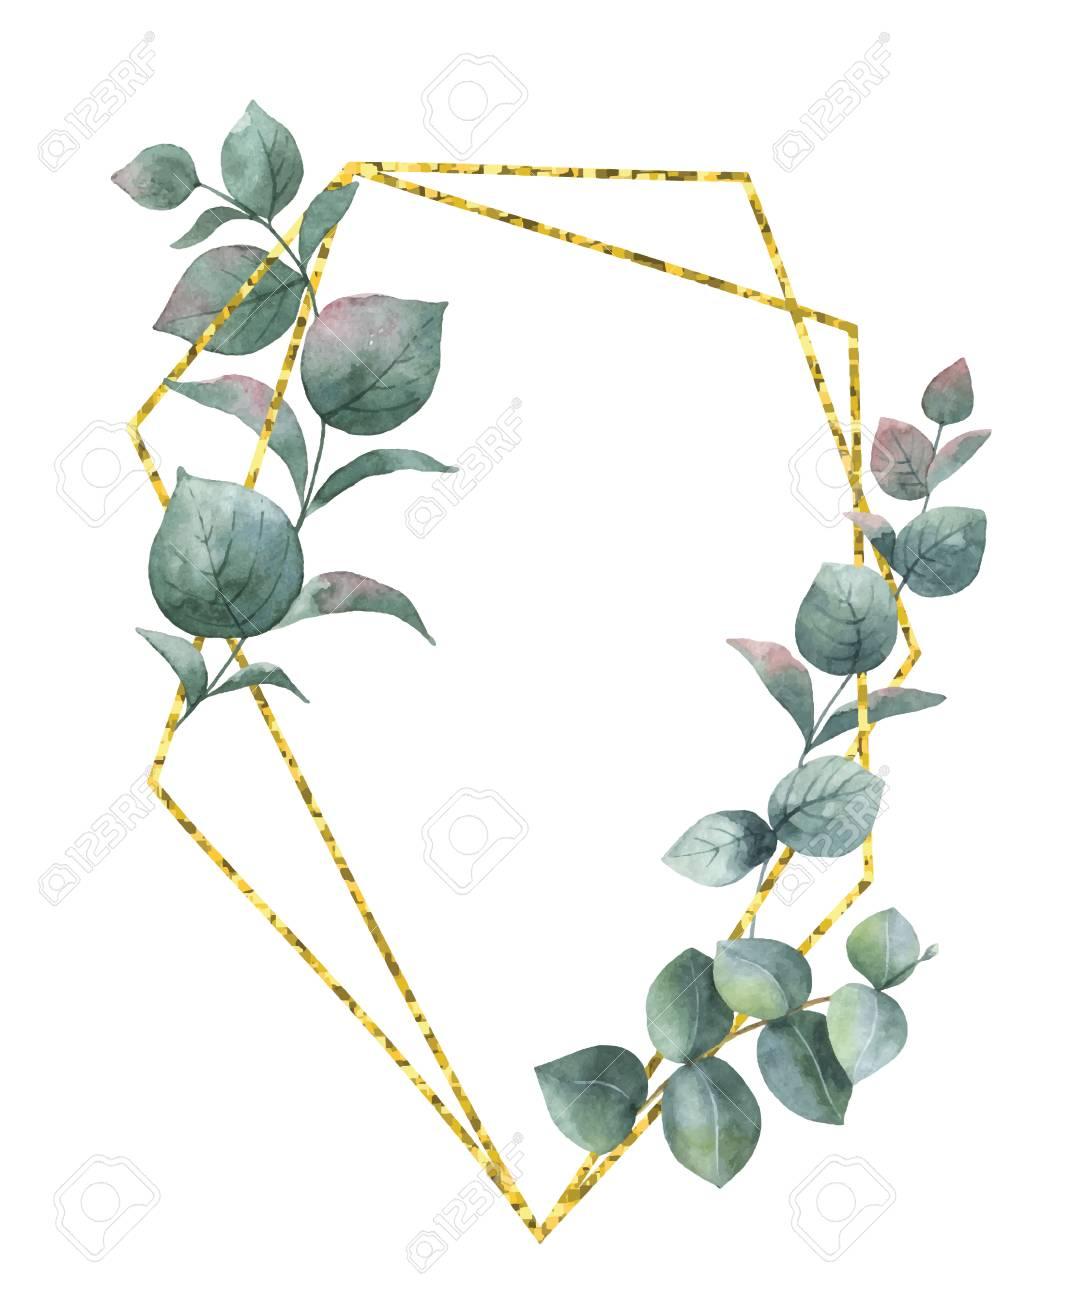 composition aquarelle des branches d'eucalyptus et cadre géométrique